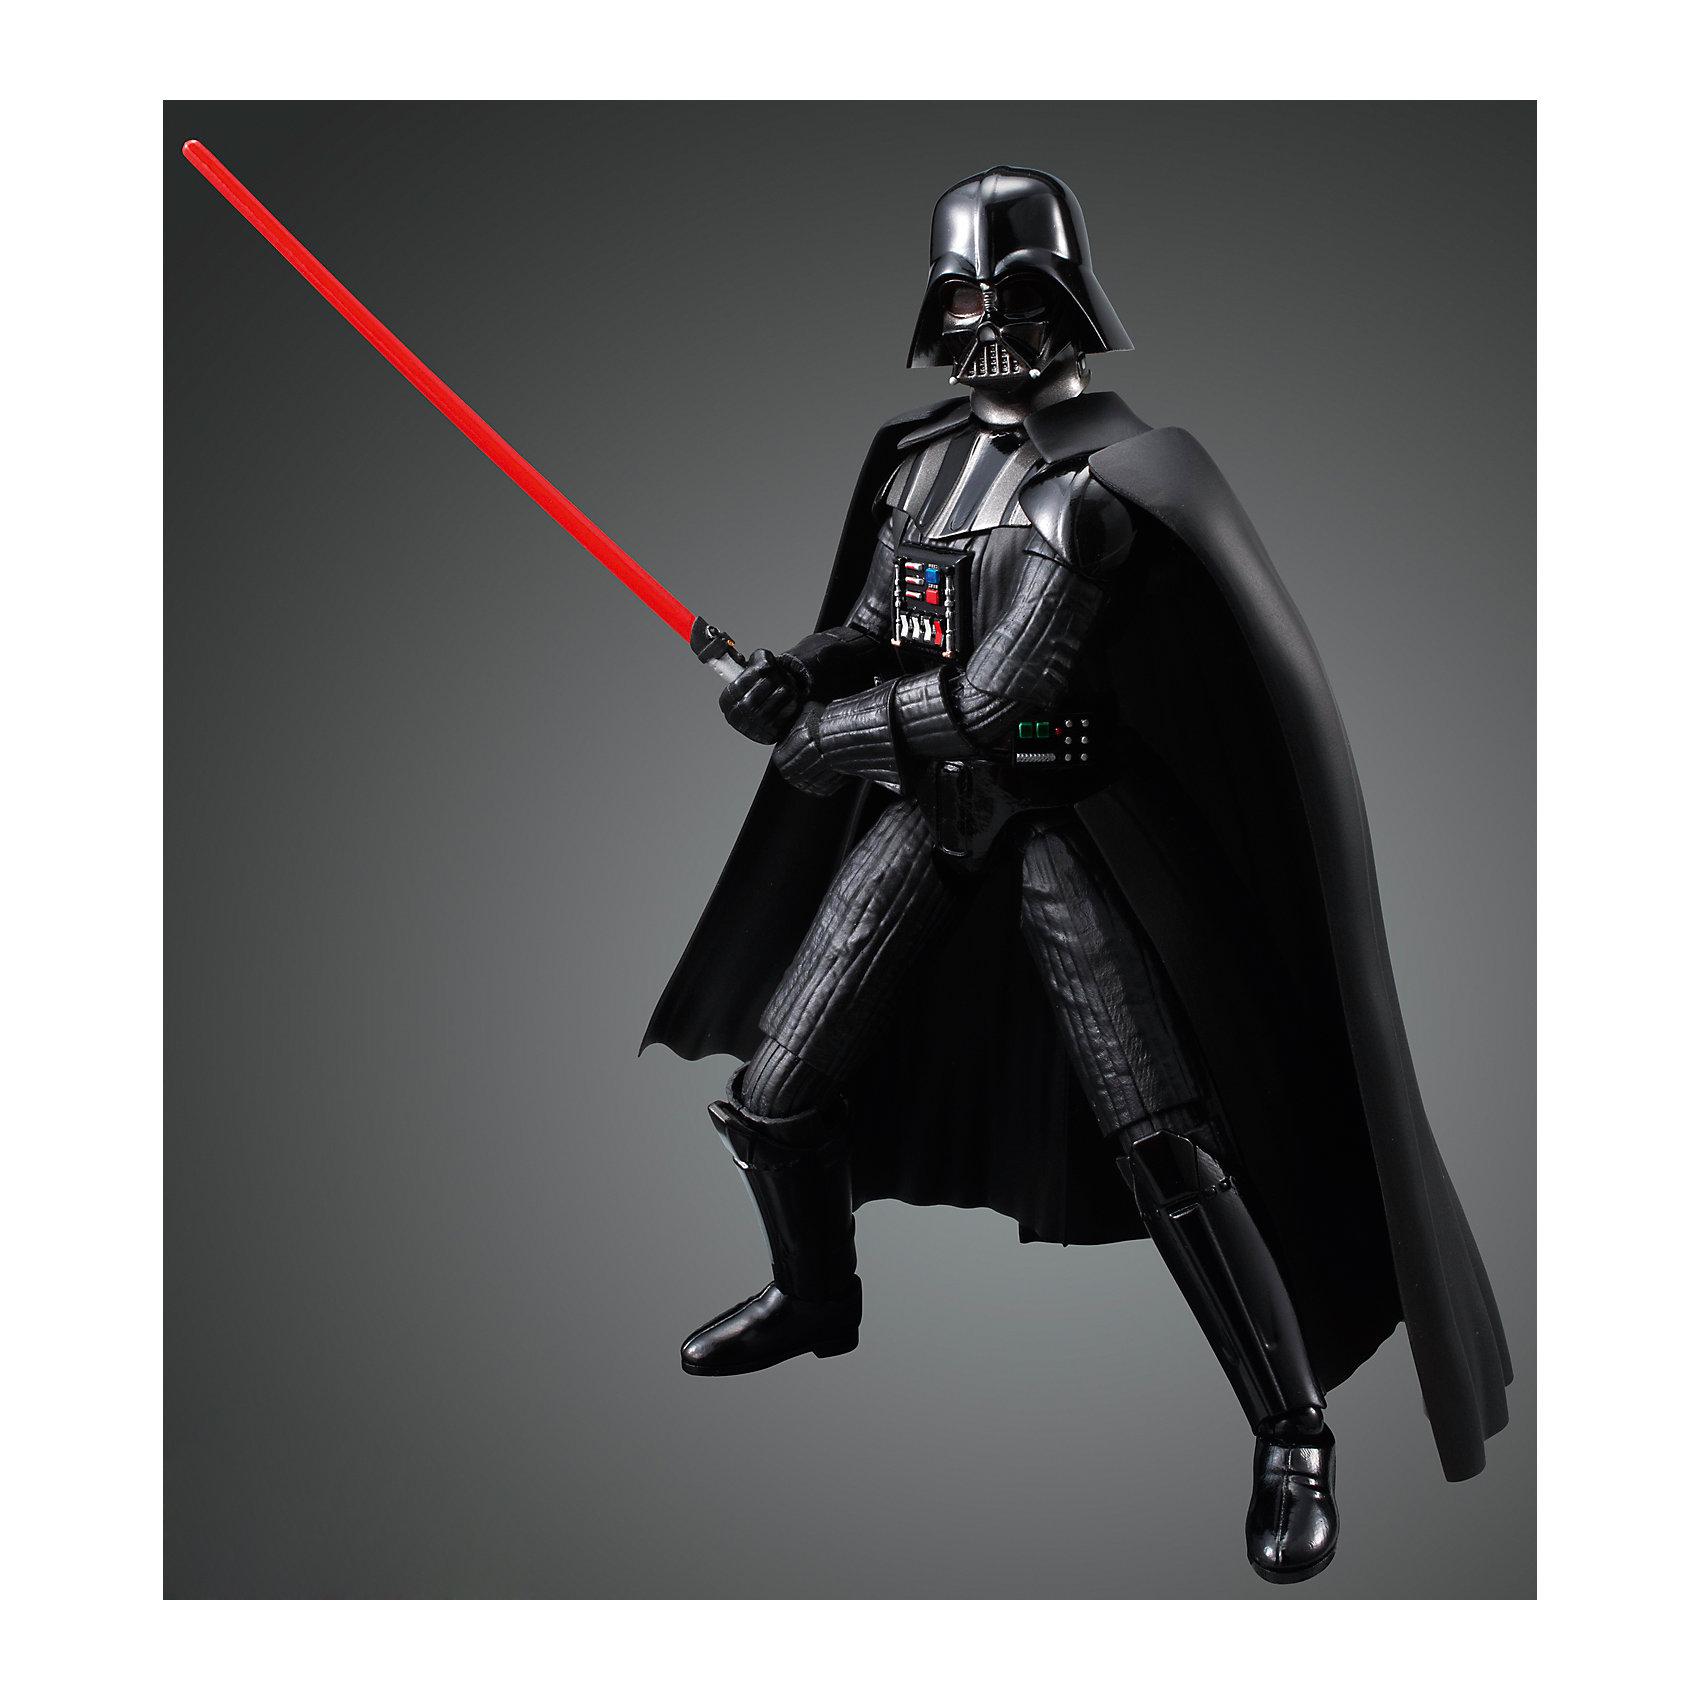 Сборная модель Дарт Вейдер 1/12, Звездные ВойныЭтот набор приведет в восторг все поклонников легендарной саги Star Wars. В коробке находится комплект деталей для сборки большой коллекционной фигуры одного из любимейших культовых героев фантастической киносаги «Звёздные Войны» - Главнокомандующего войсками Галактической Империи Тёмного Лорда Ситхов - Дарта Вейдера. Модель имеет съёмный шлем, несколько заменяемых вариантов кистей рук и два варианта светового меча (открытый и закрытый). Детали для сборки изготовлены из качественного чёрного пластика и имеют хорошую детализацию, вся продукция фирмы Bandai лицензирована фирмами правообладателями, что гарантирует её высокое качество и безопасность для здоровья.<br>Конструирование - интереснейший процесс, позволяющий развить у ребенка мелкую моторику, логическое мышление, внимание, умение работать по инструкции.<br><br>Дополнительная информация:<br><br>- Масштаб: 1:12 см.<br>- Материал: пластик.<br>- Размер упаковки: 30х20 см.<br>- Основное оружие - лазерные пушки.<br>- Съемный шлем.<br>- Два варианта светового меча (открытый и закрытый).<br><br>Сборную модель Дарт Вейдер 1/12, Звездные Войны (Star Wars) можно купить в нашем магазине.<br><br>Ширина мм: 300<br>Глубина мм: 190<br>Высота мм: 55<br>Вес г: 384<br>Возраст от месяцев: 72<br>Возраст до месяцев: 192<br>Пол: Мужской<br>Возраст: Детский<br>SKU: 4422657